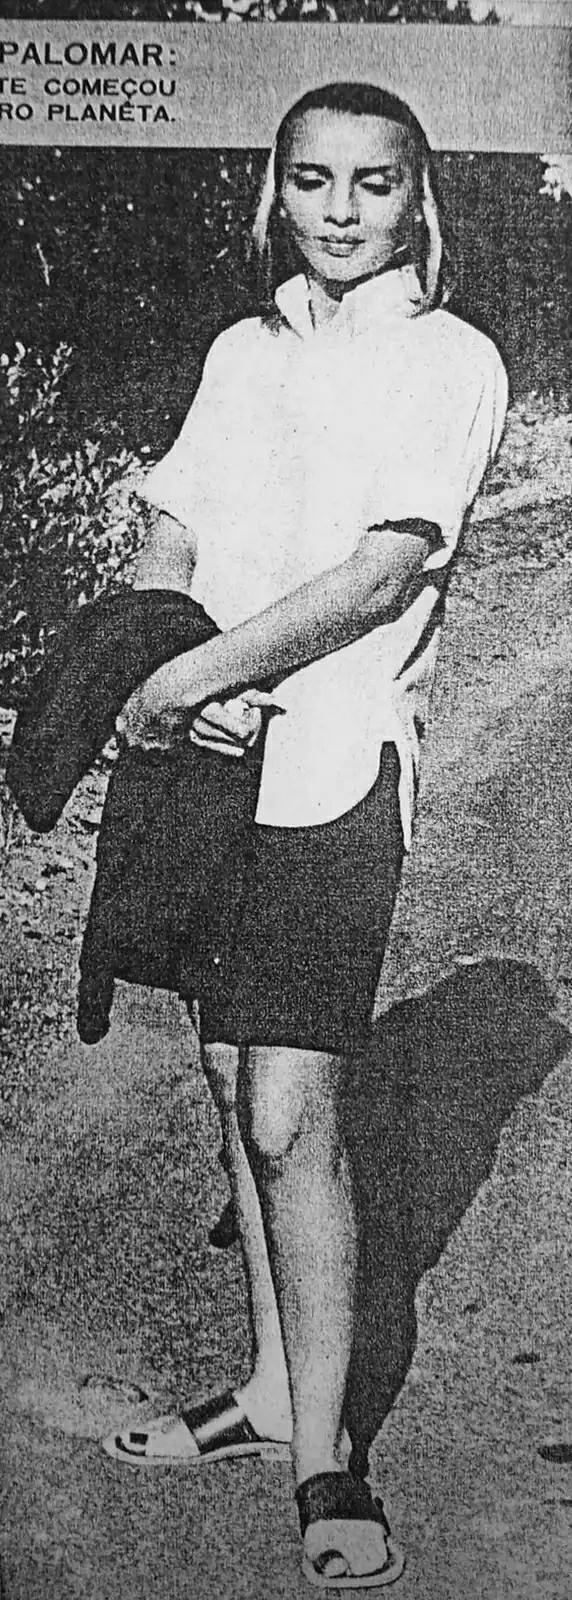 Η παράξενη γυναίκα το 1954 συνέδριο UFO Palomar